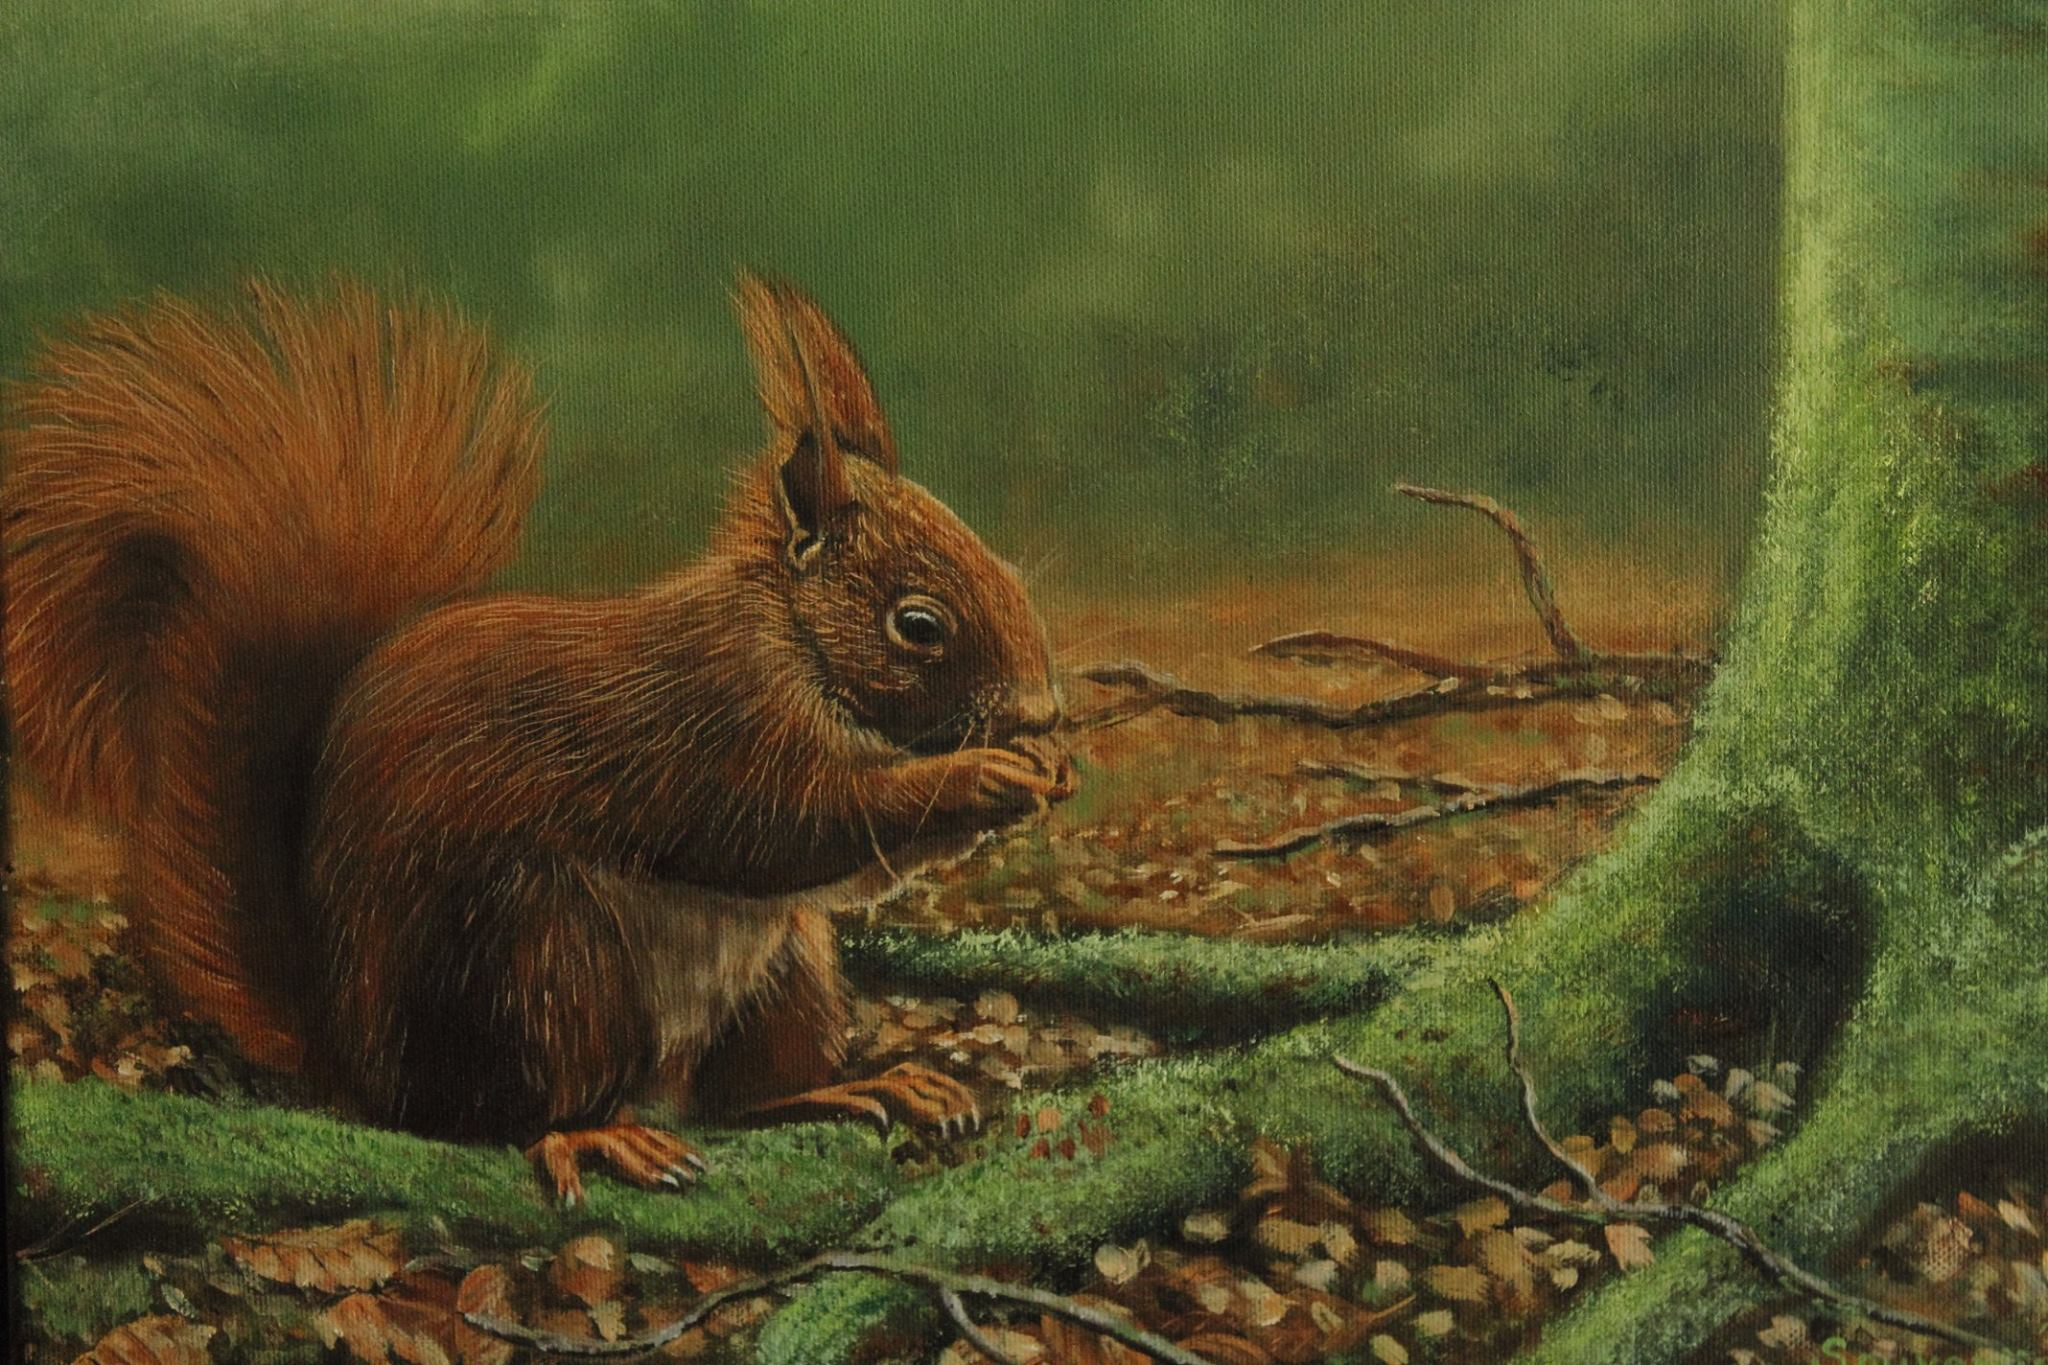 Een eekhoorn in het herfstbos - Beeld: ©Willem Souverijn